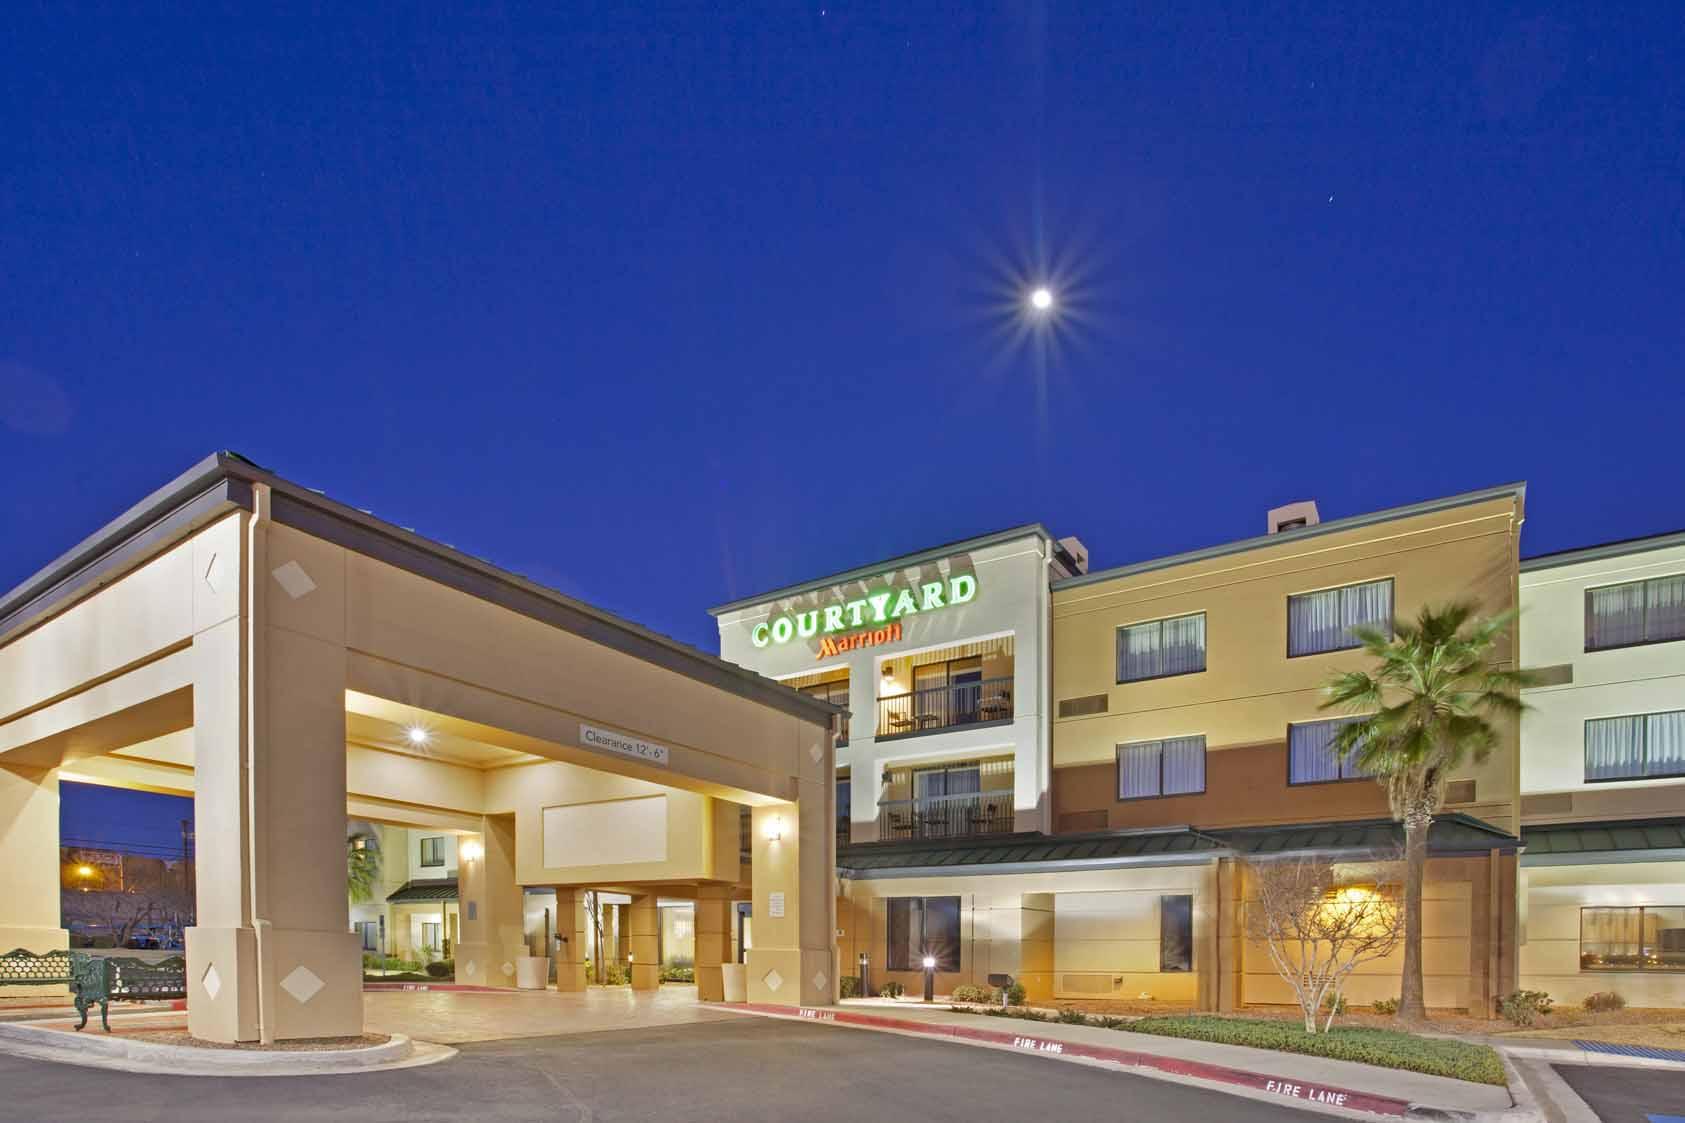 Courtyard Inn El Paso, TX: Exterior